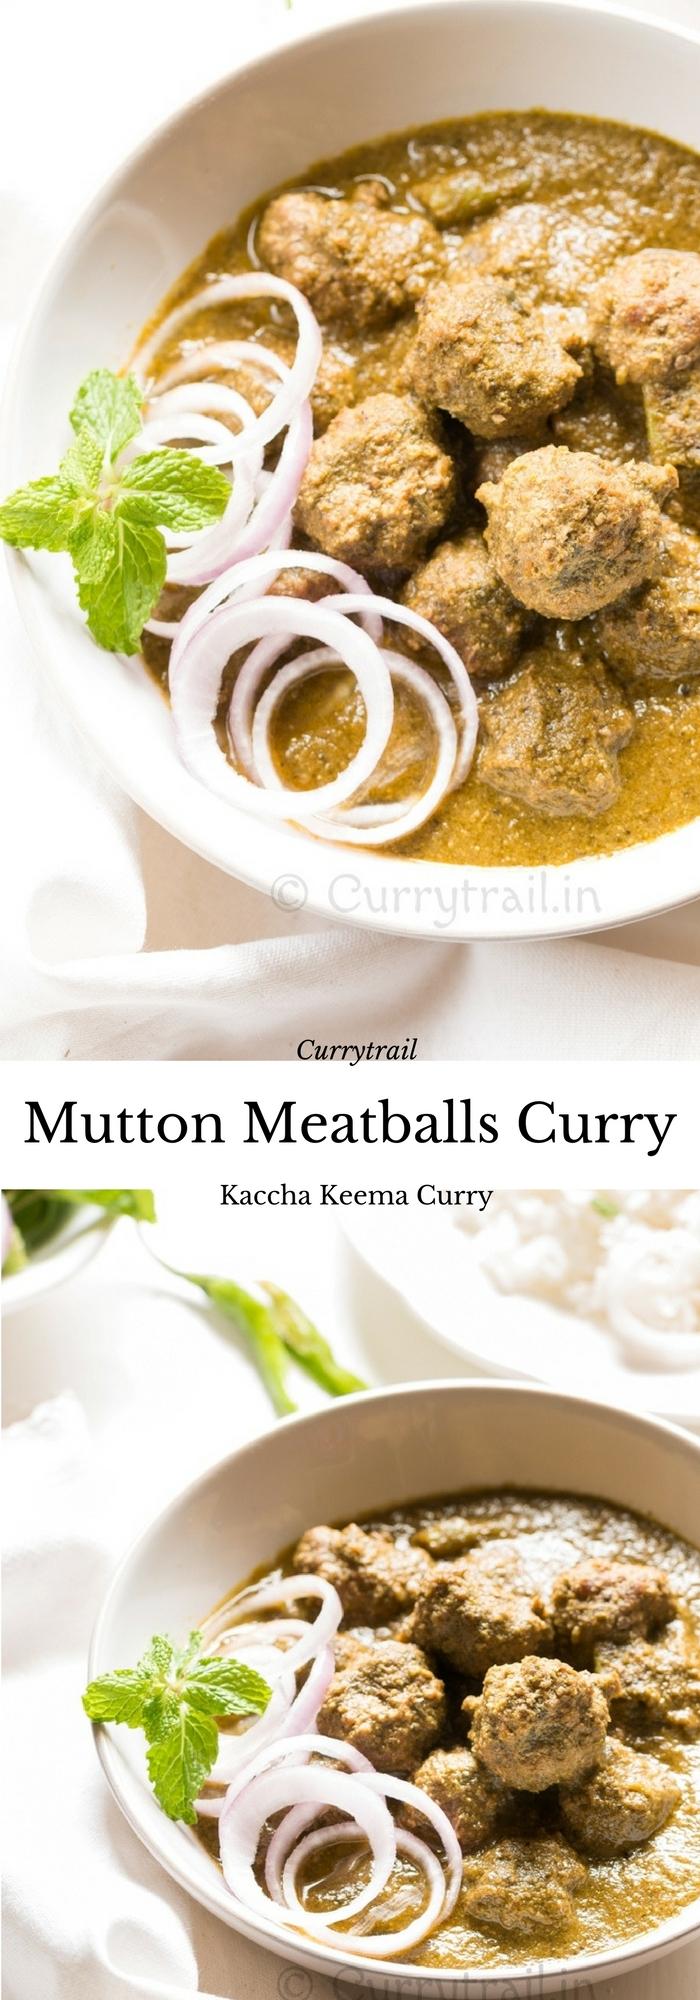 Kaccha Keema Curry